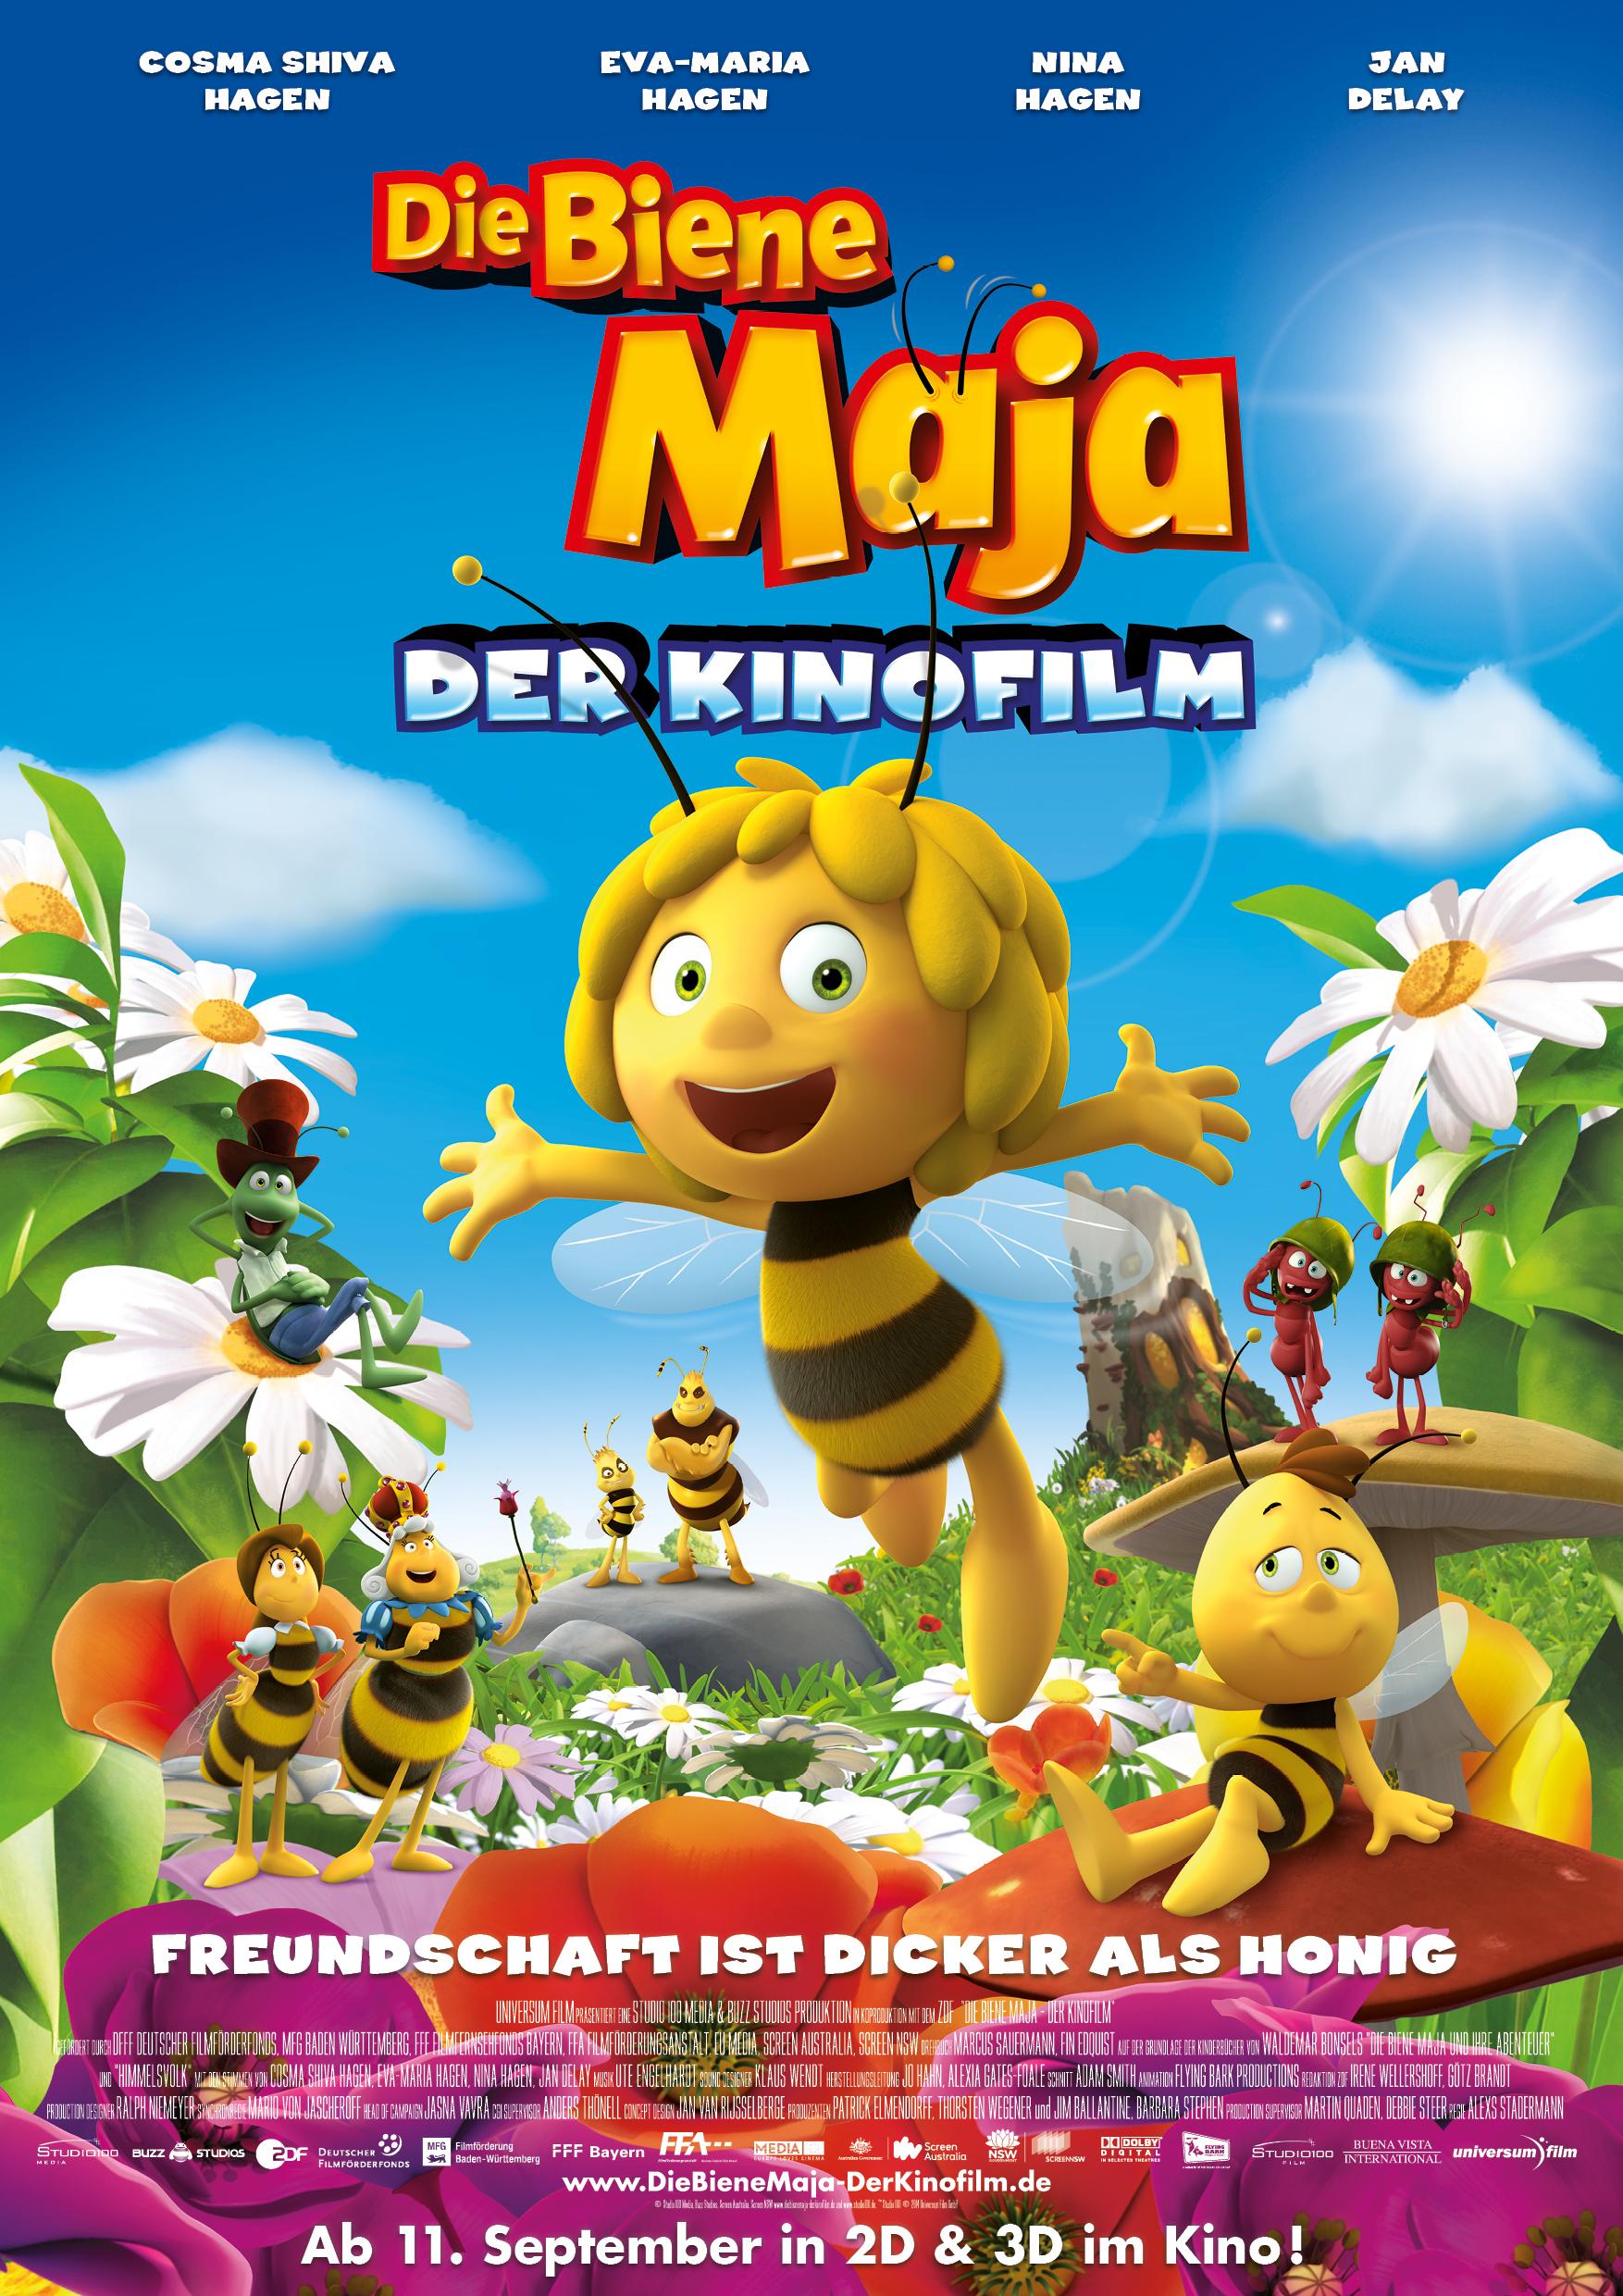 [WDSMP Allemagne] La Grande Aventure de Maya l'Abeille (2014) 97388632106565.566f6ada52d9c